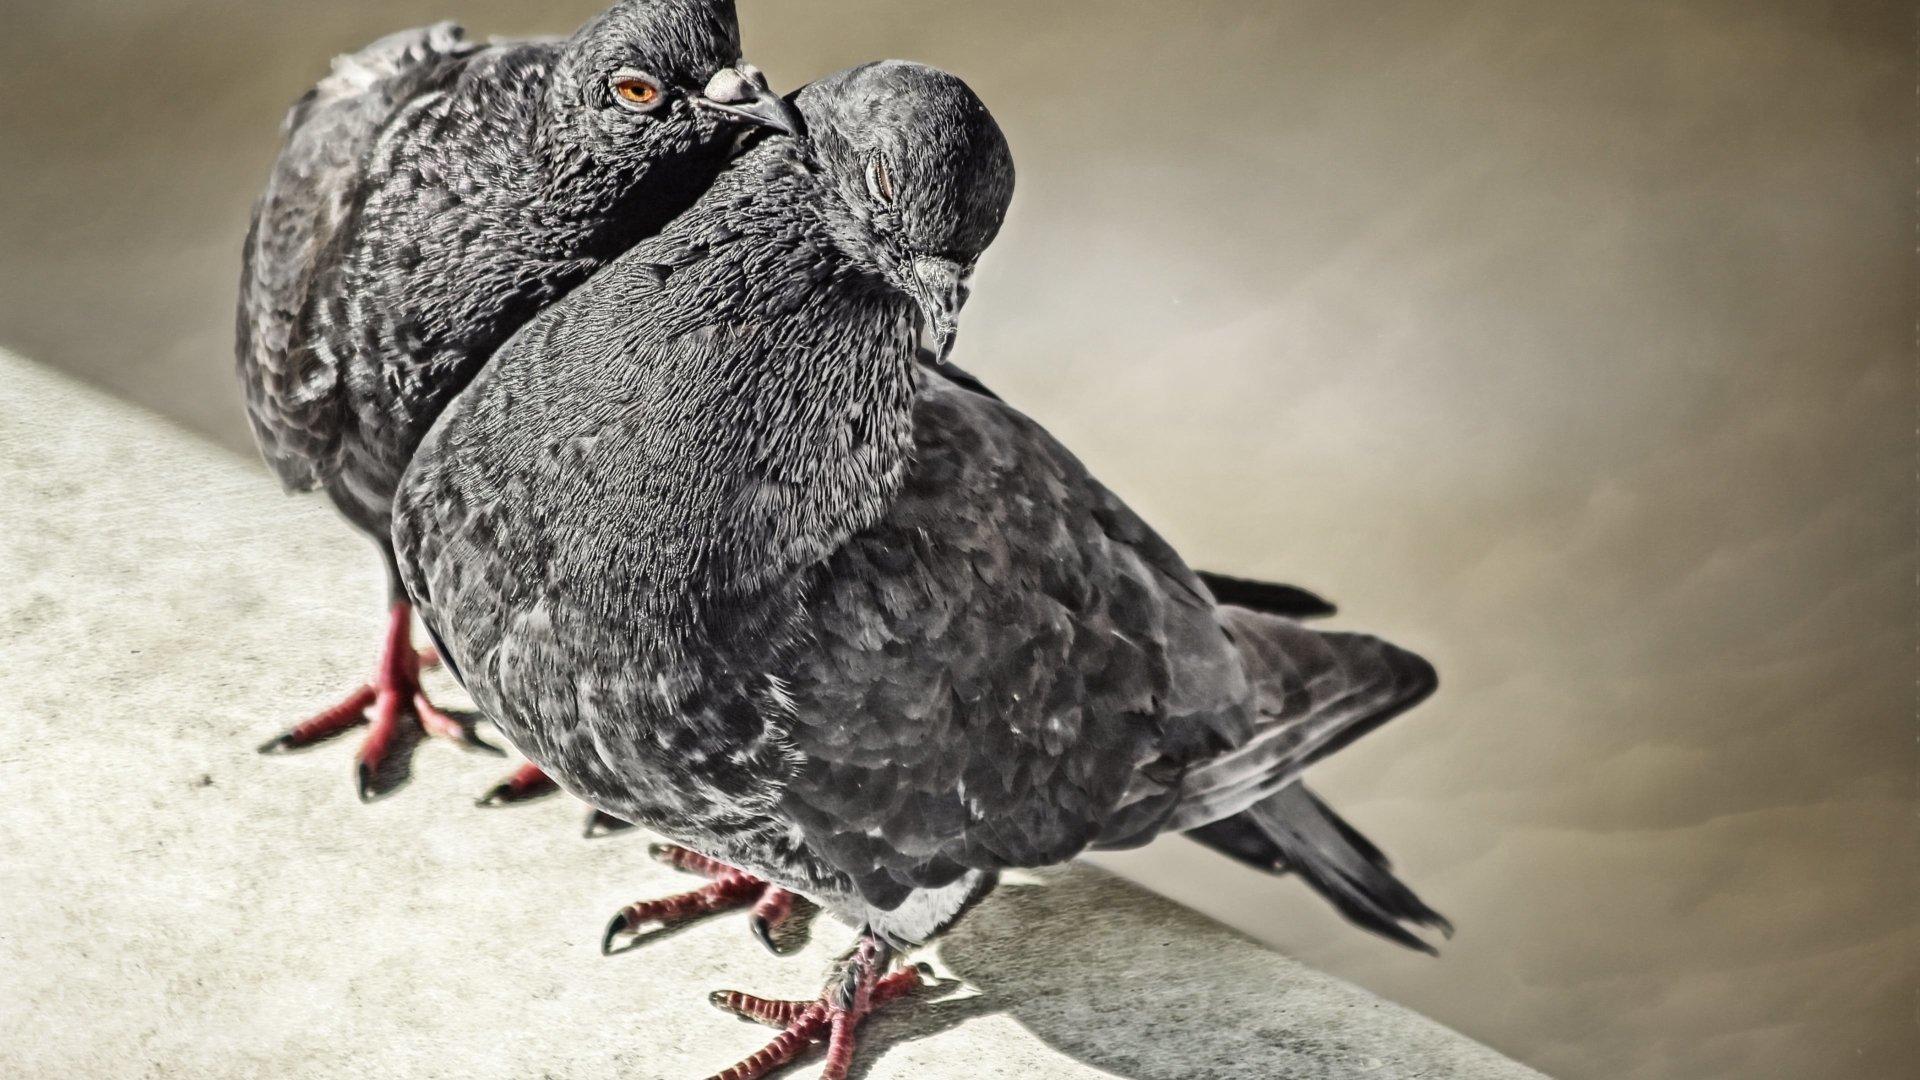 动物 - 鸽子  鸟 动物 壁纸